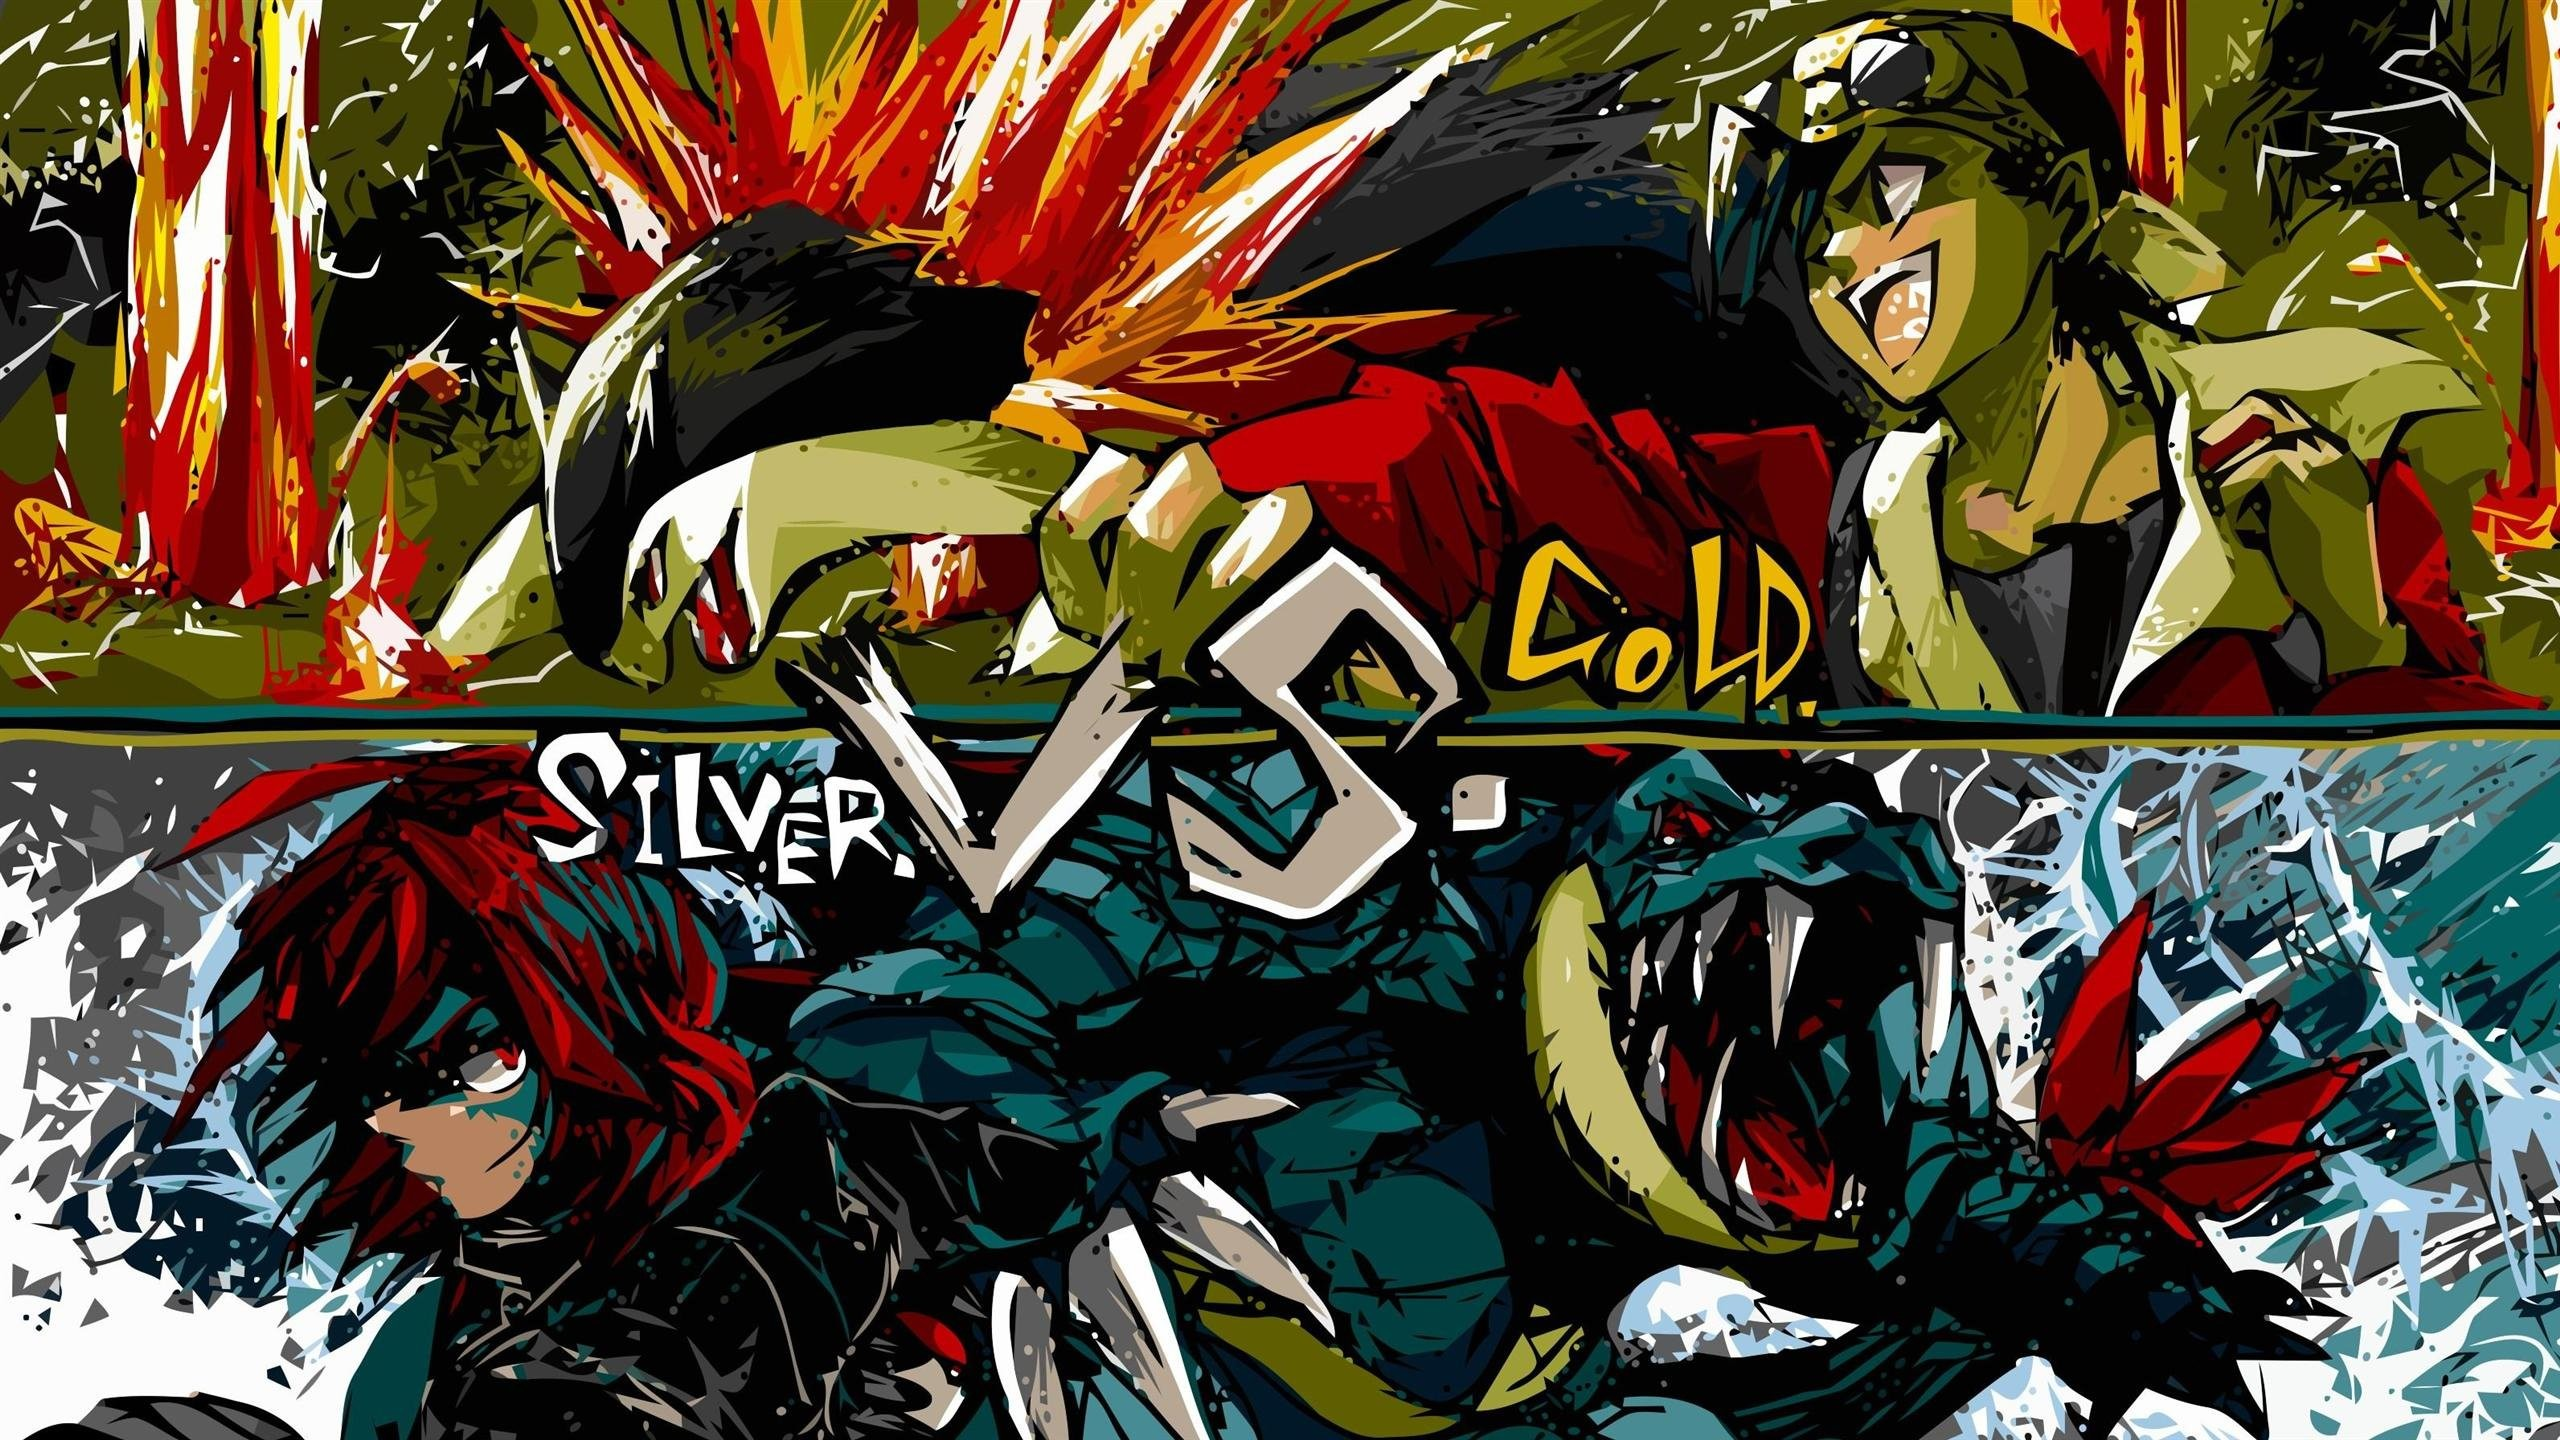 Gold Vs Silver Pokemon